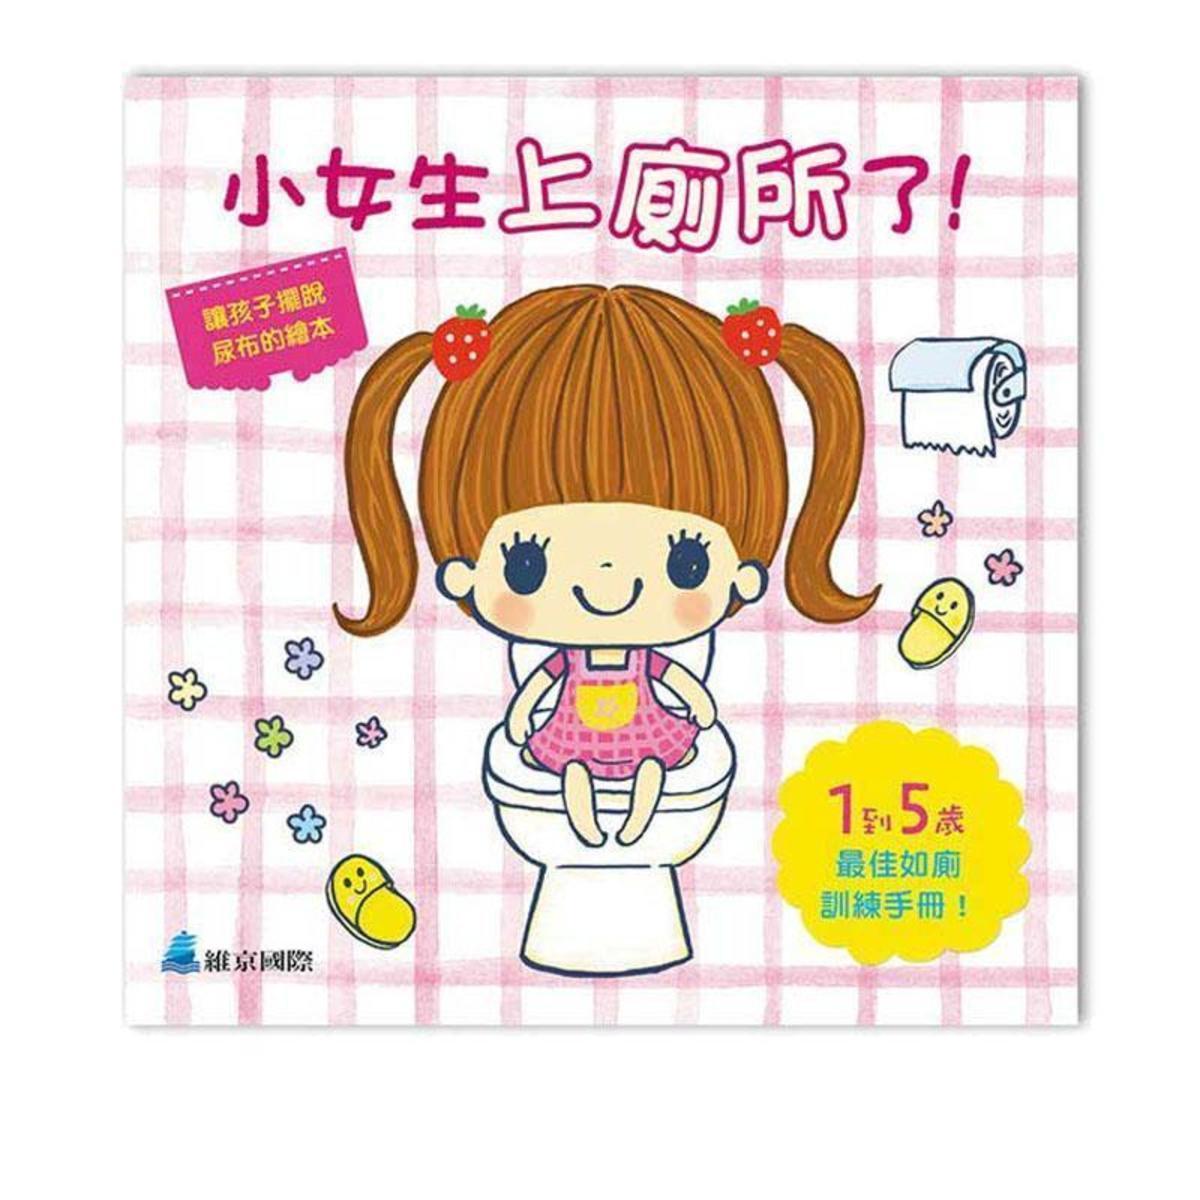 小女生上廁所了! 台灣進口